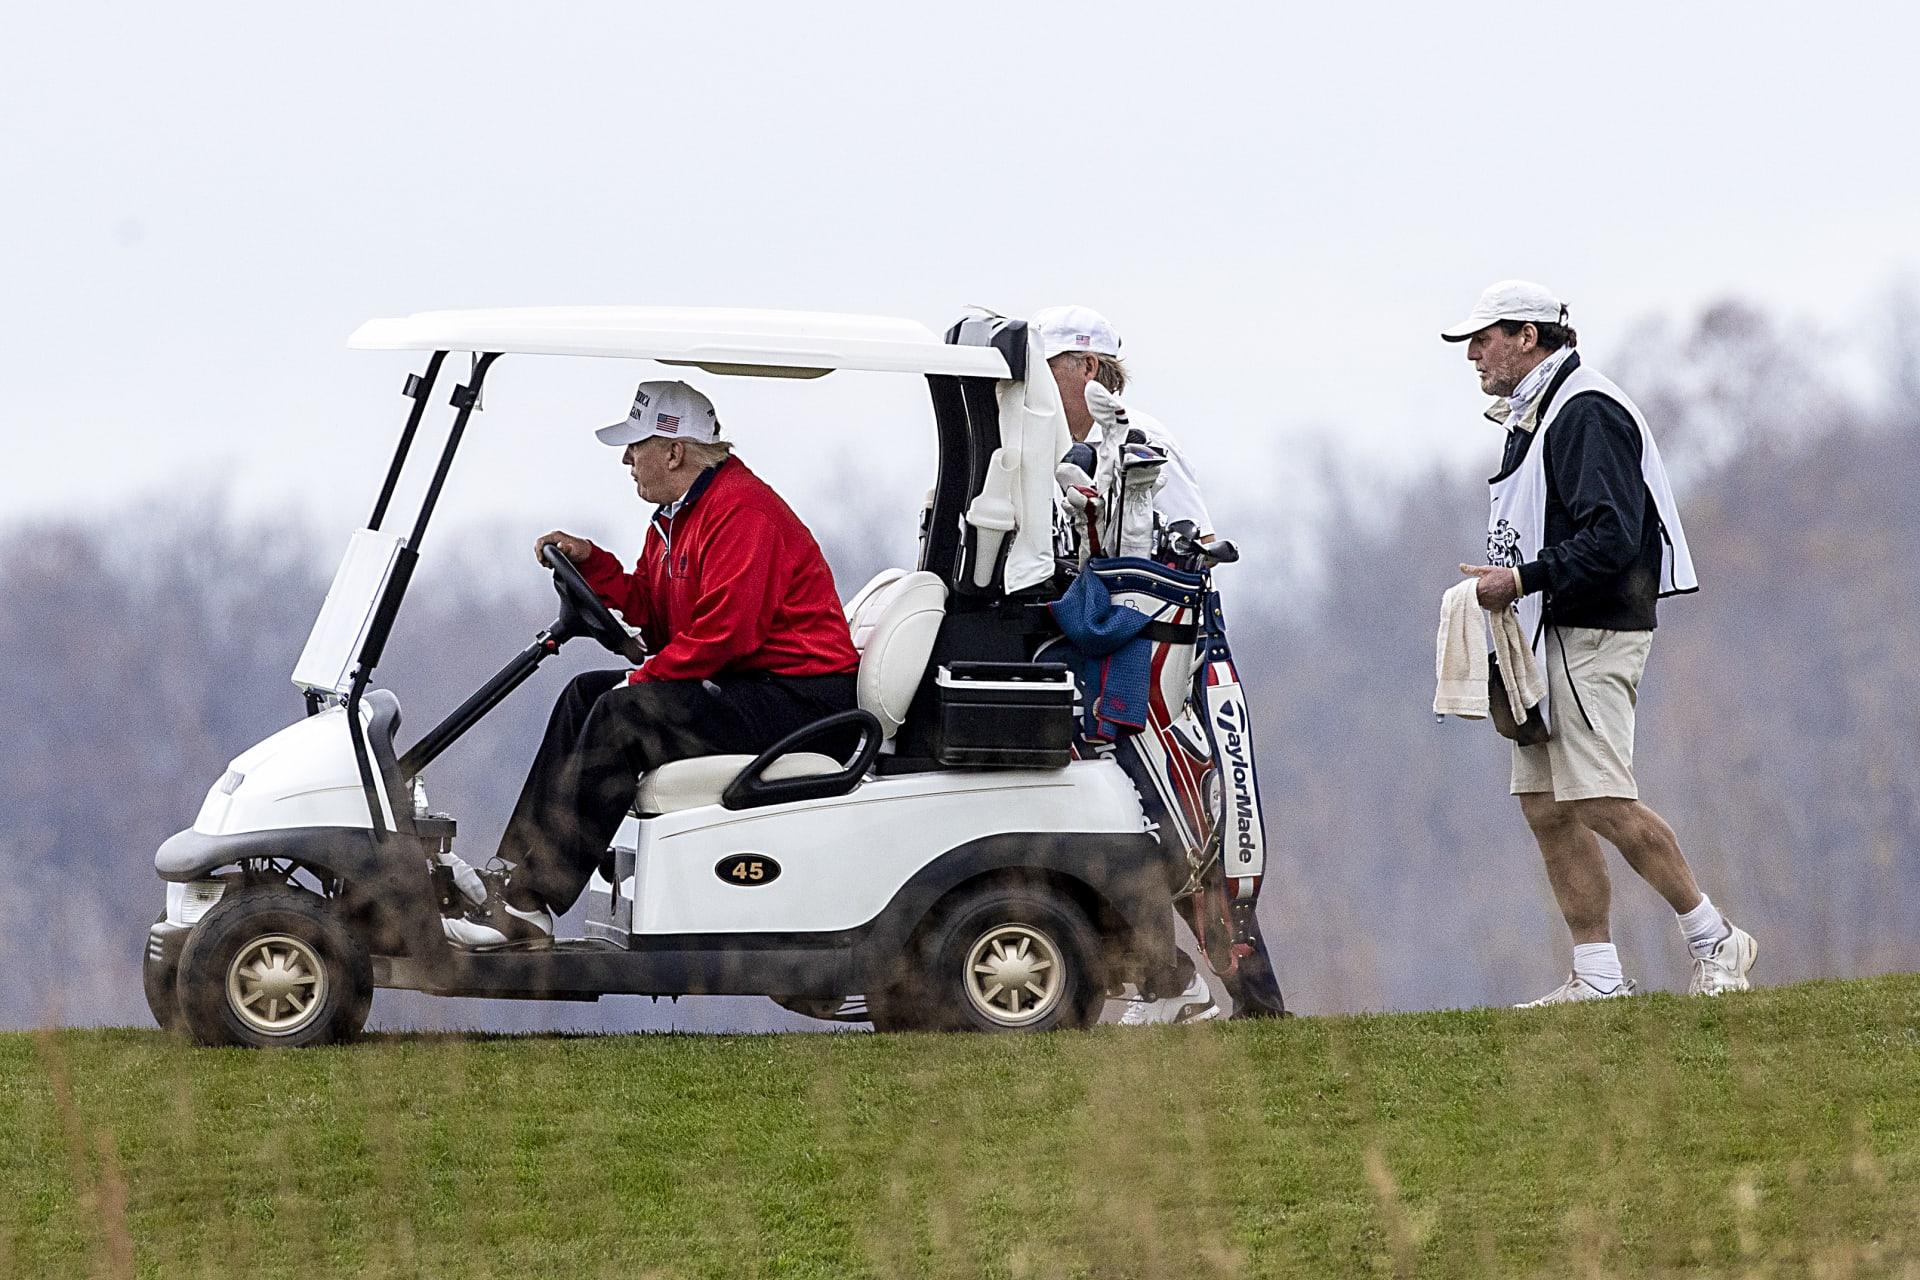 ترامب يغرد على تويتر تزامنا مع حضوره قمة العشرين.. ويغادر البيت الأبيض إلى نادي الغولف